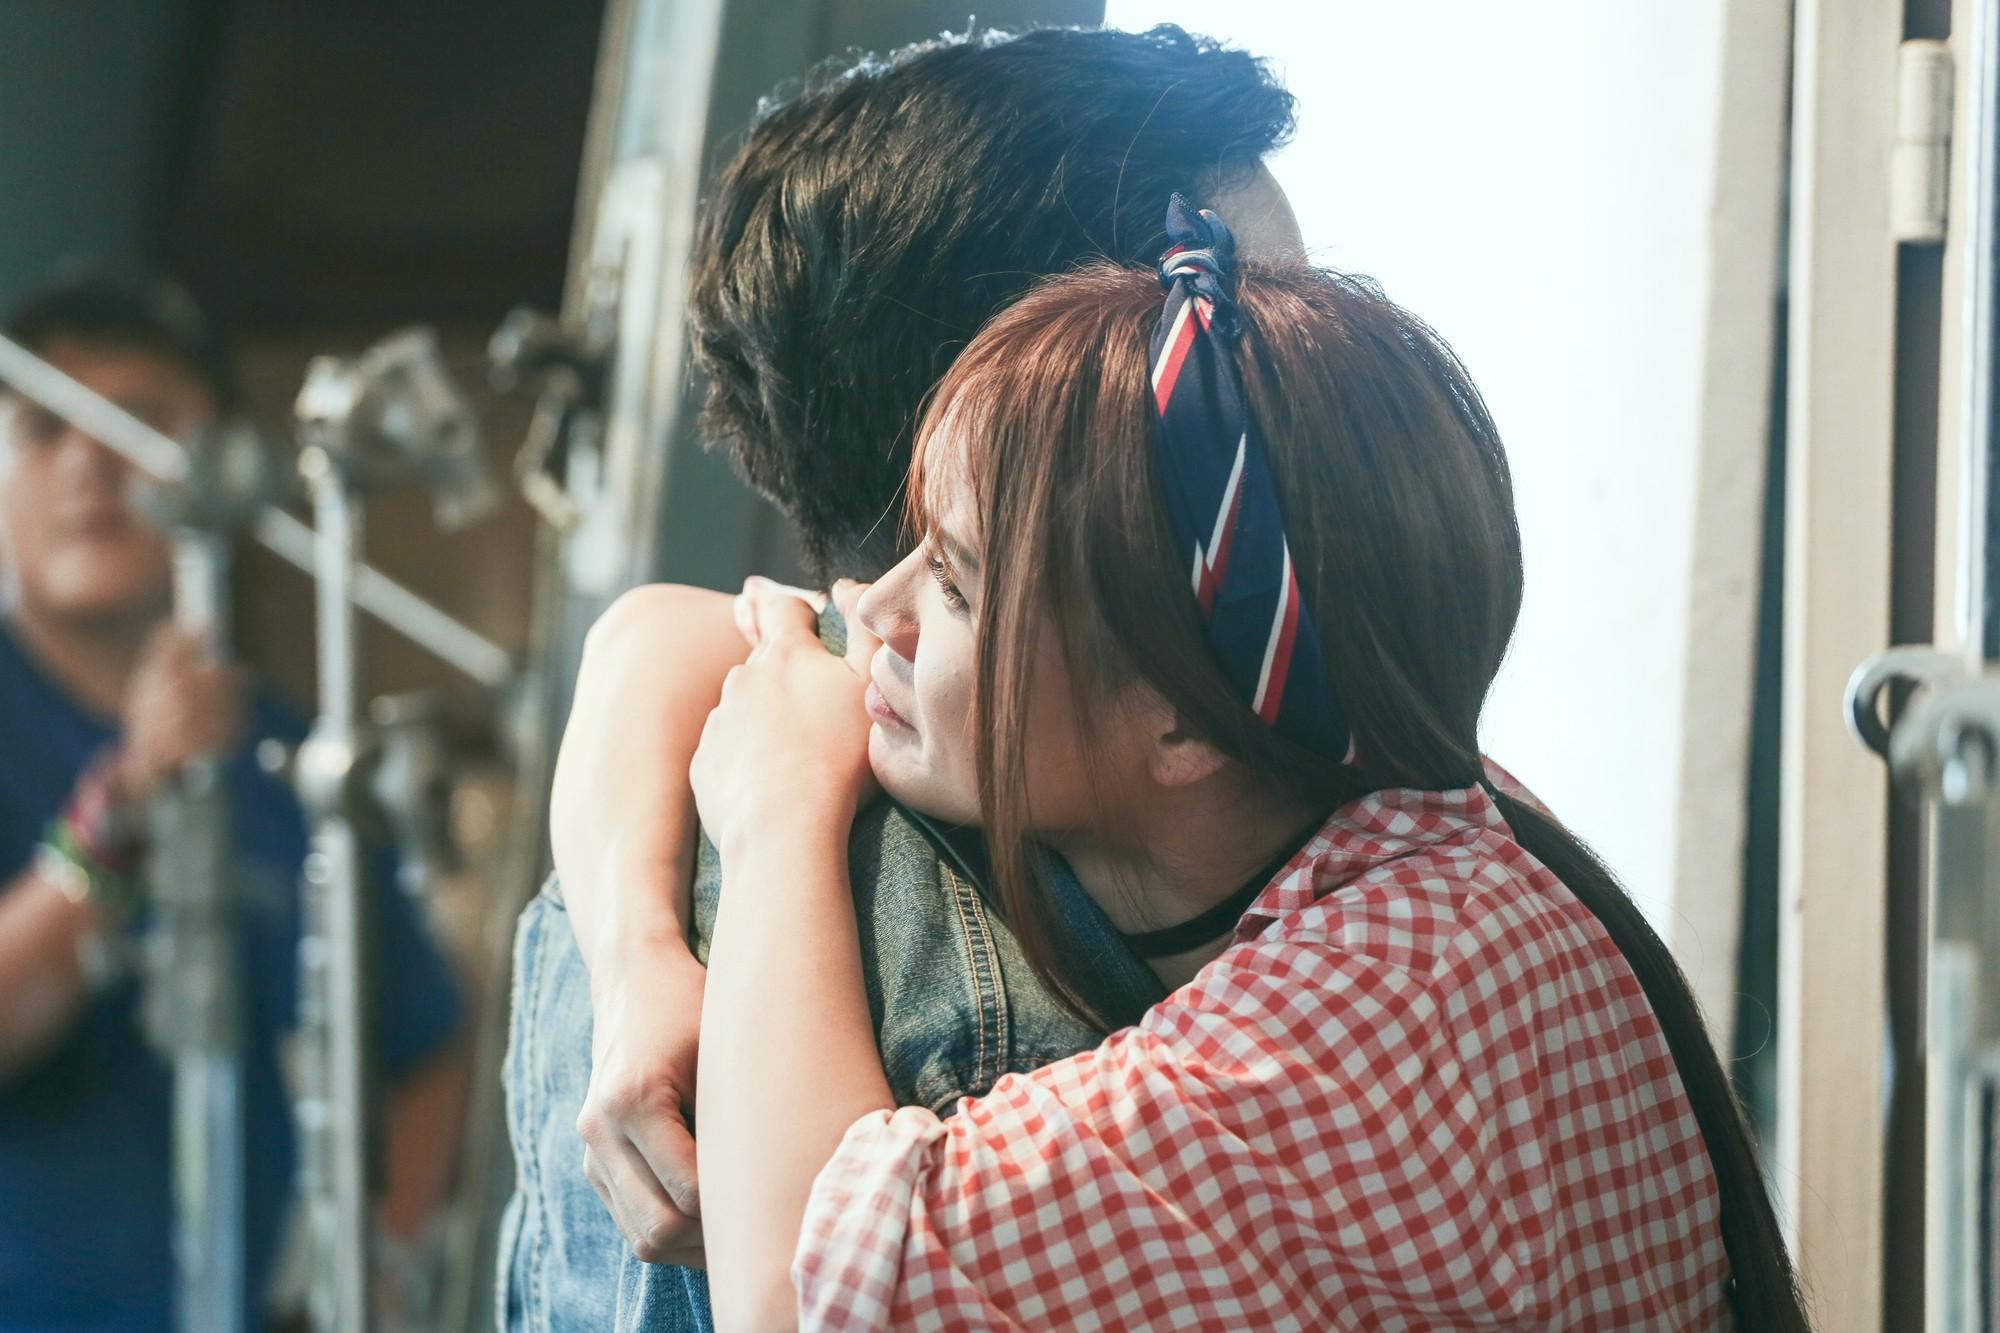 Vụ cầu hôn Nhã Phương chưa nguội, Trường Giang bị Sam cưỡng hôn trong phim chiếu Tết - Ảnh 3.